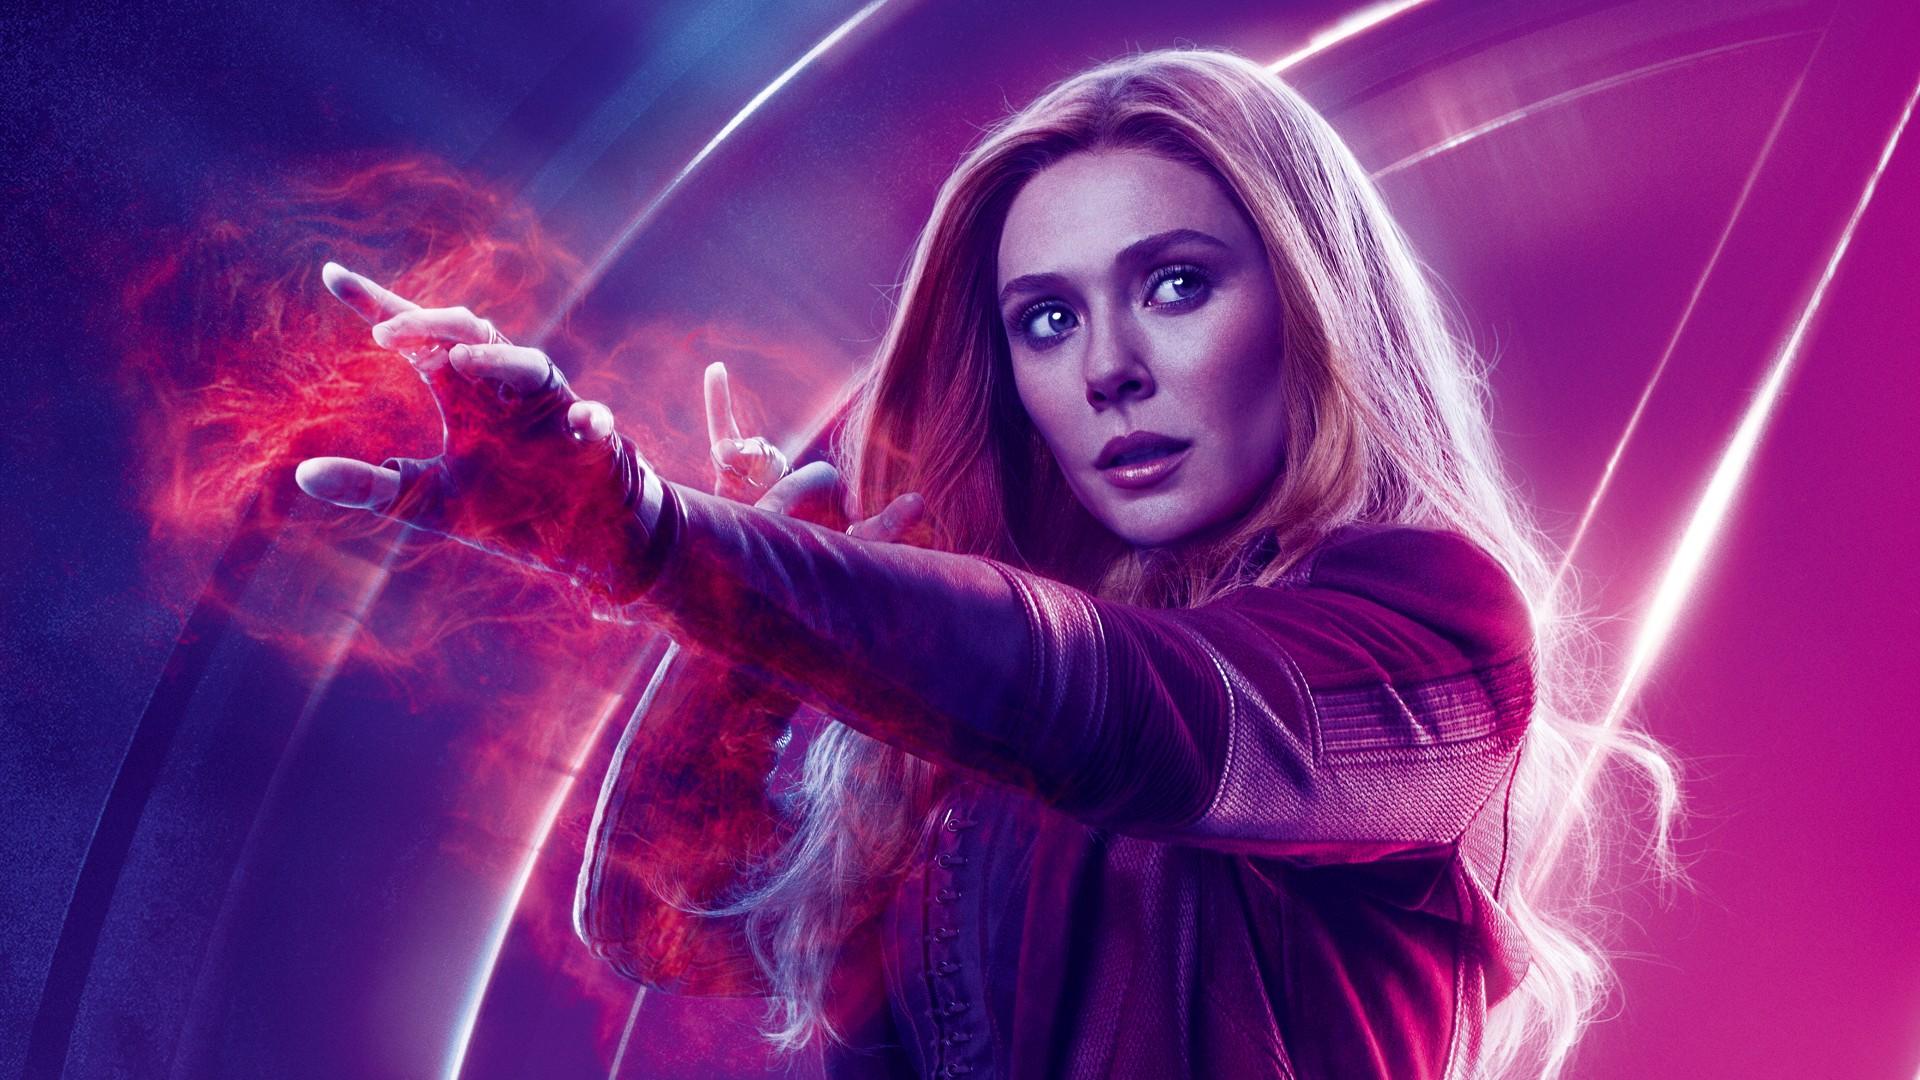 Iphone 6s Wallpaper Hd Elizabeth Olsen As Scarlet Witch Avengers Infinity War 4k